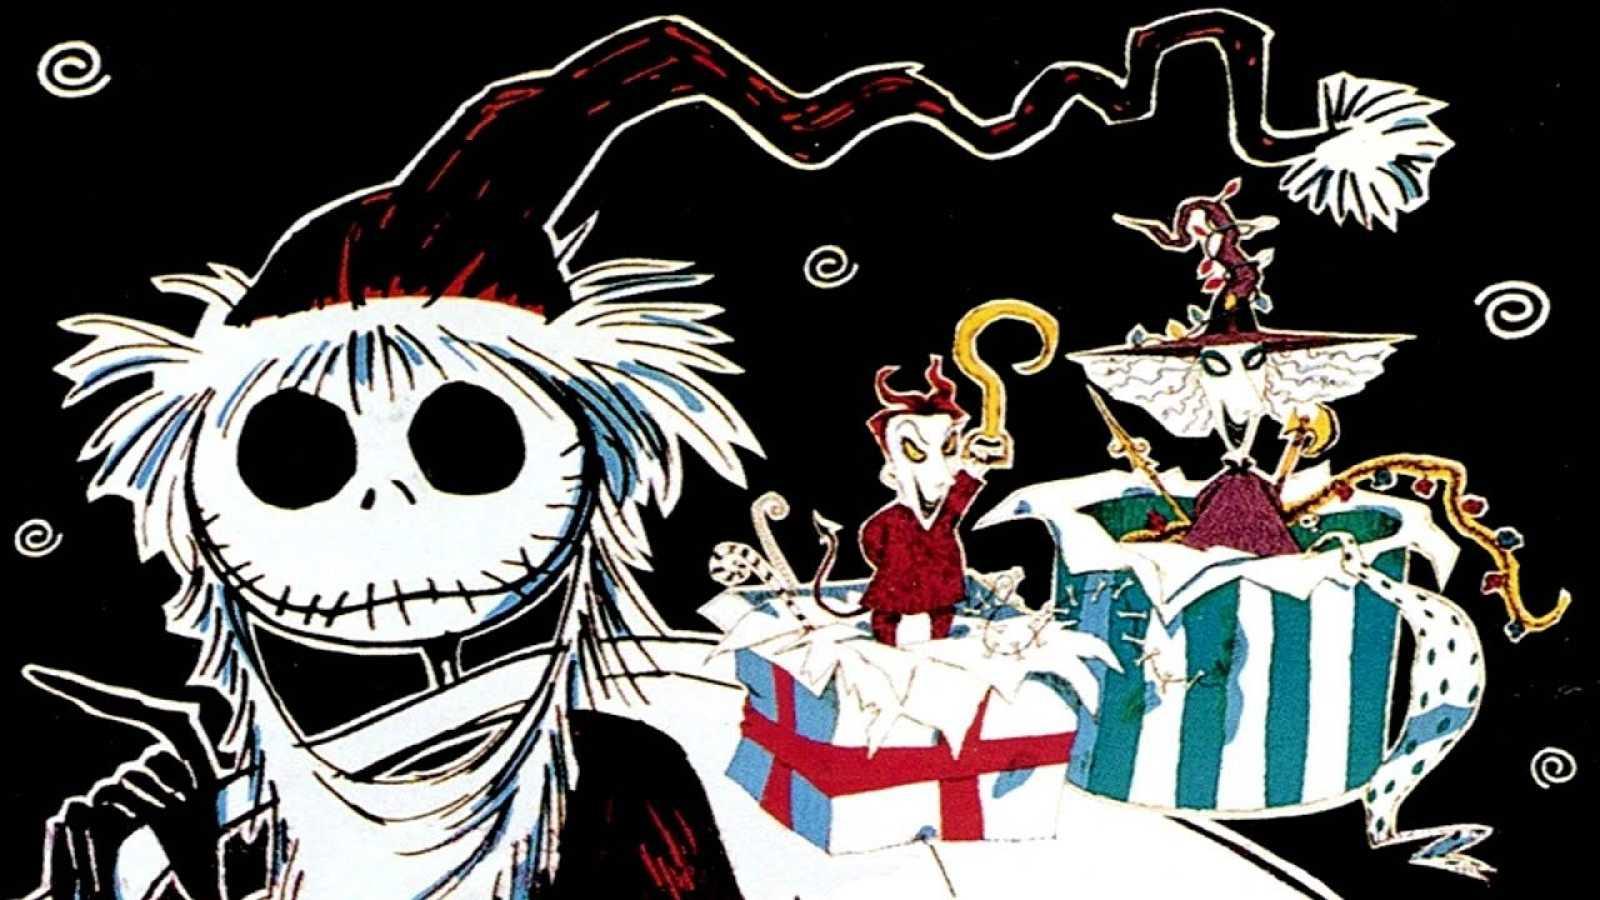 Amordiscos - Navidad, atroz Navidad - 23/12/20